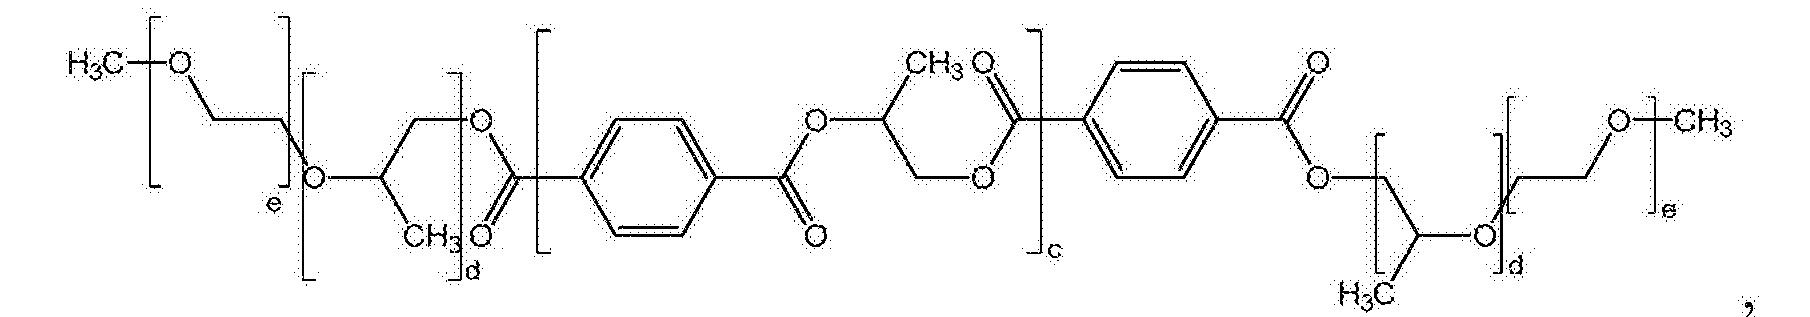 Figure CN108884415AC00021